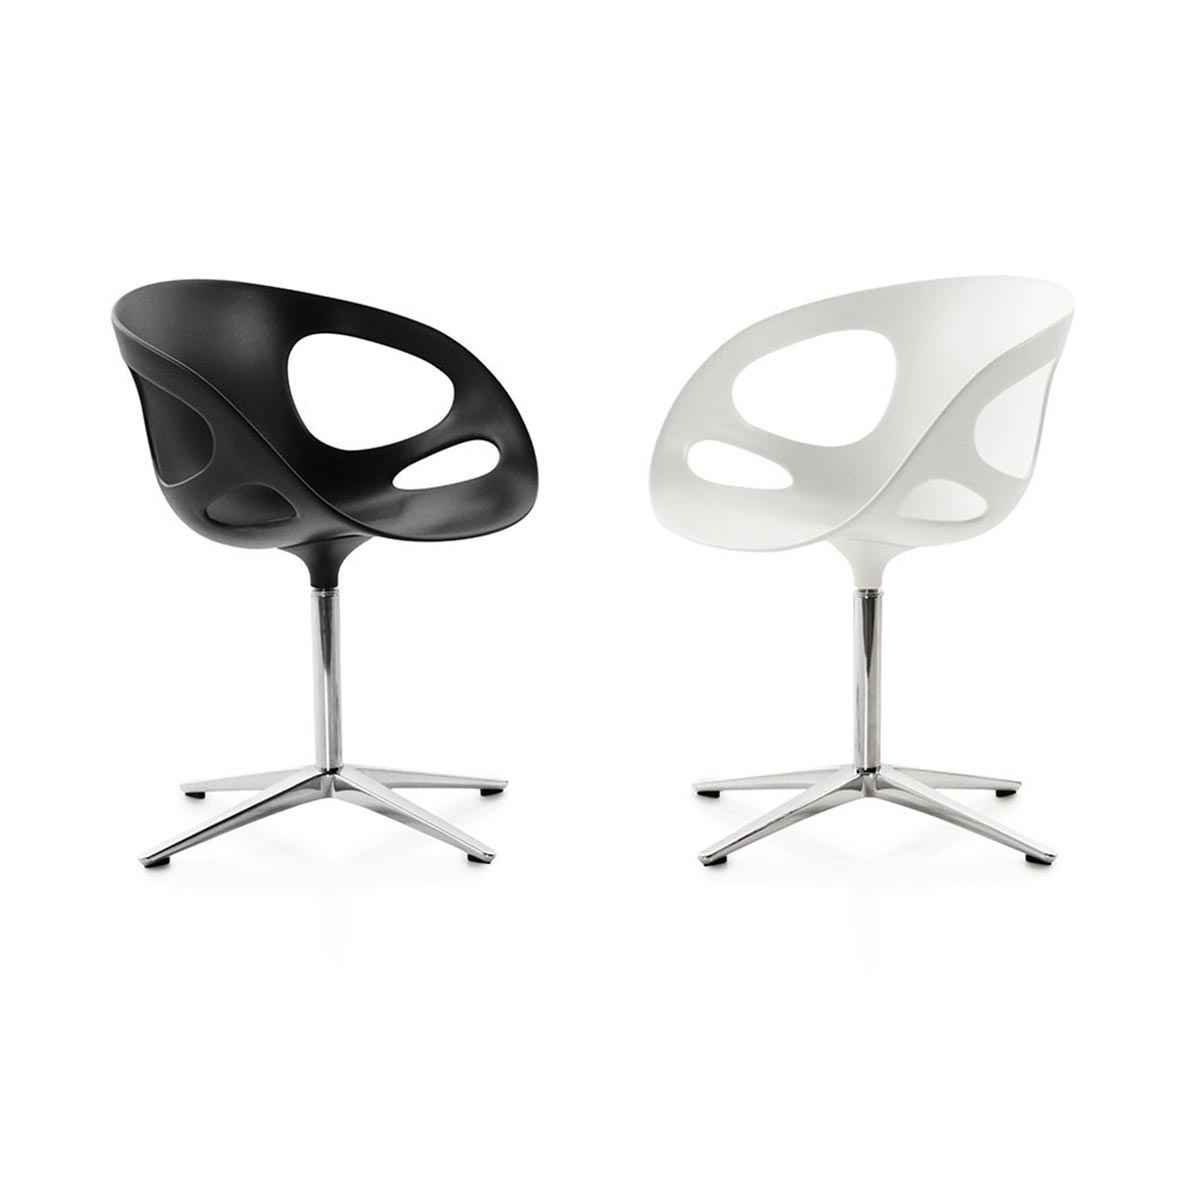 drehbarer stuhl rin von fritz hansen. Black Bedroom Furniture Sets. Home Design Ideas